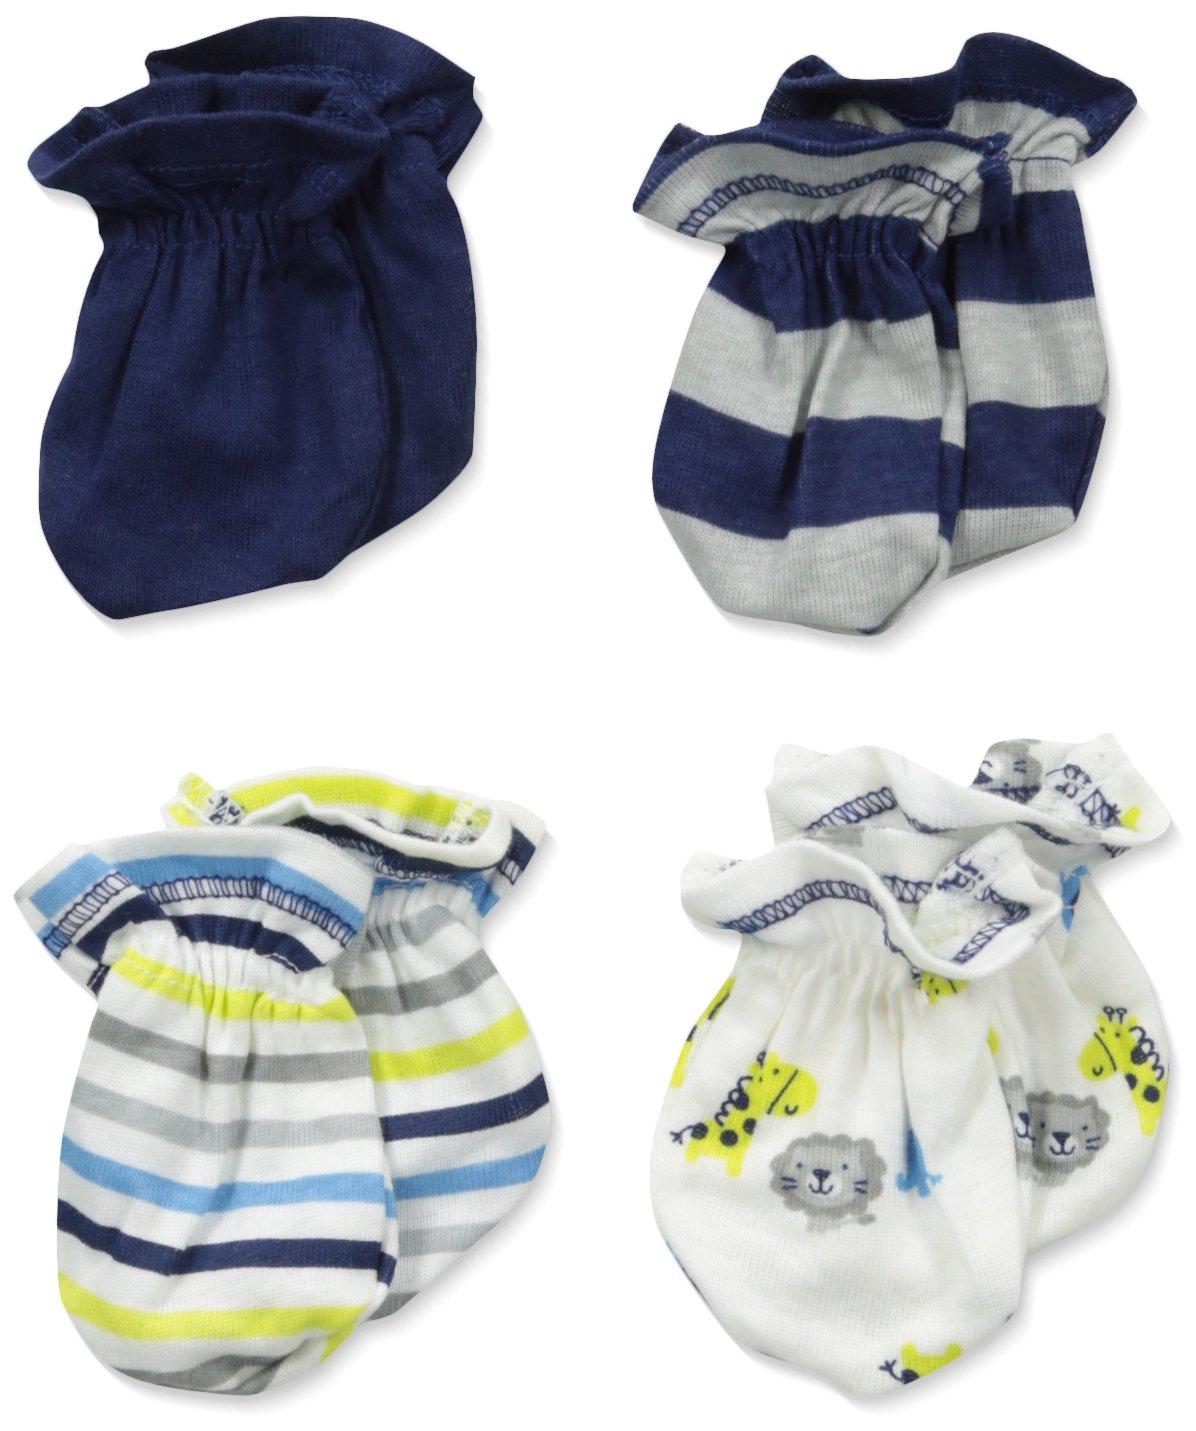 Gerber Baby Boys' 4 Pack Mittens Gerber Baby 4 Pack Mitten Safari 0-3 Months Gerber Children's Apparel